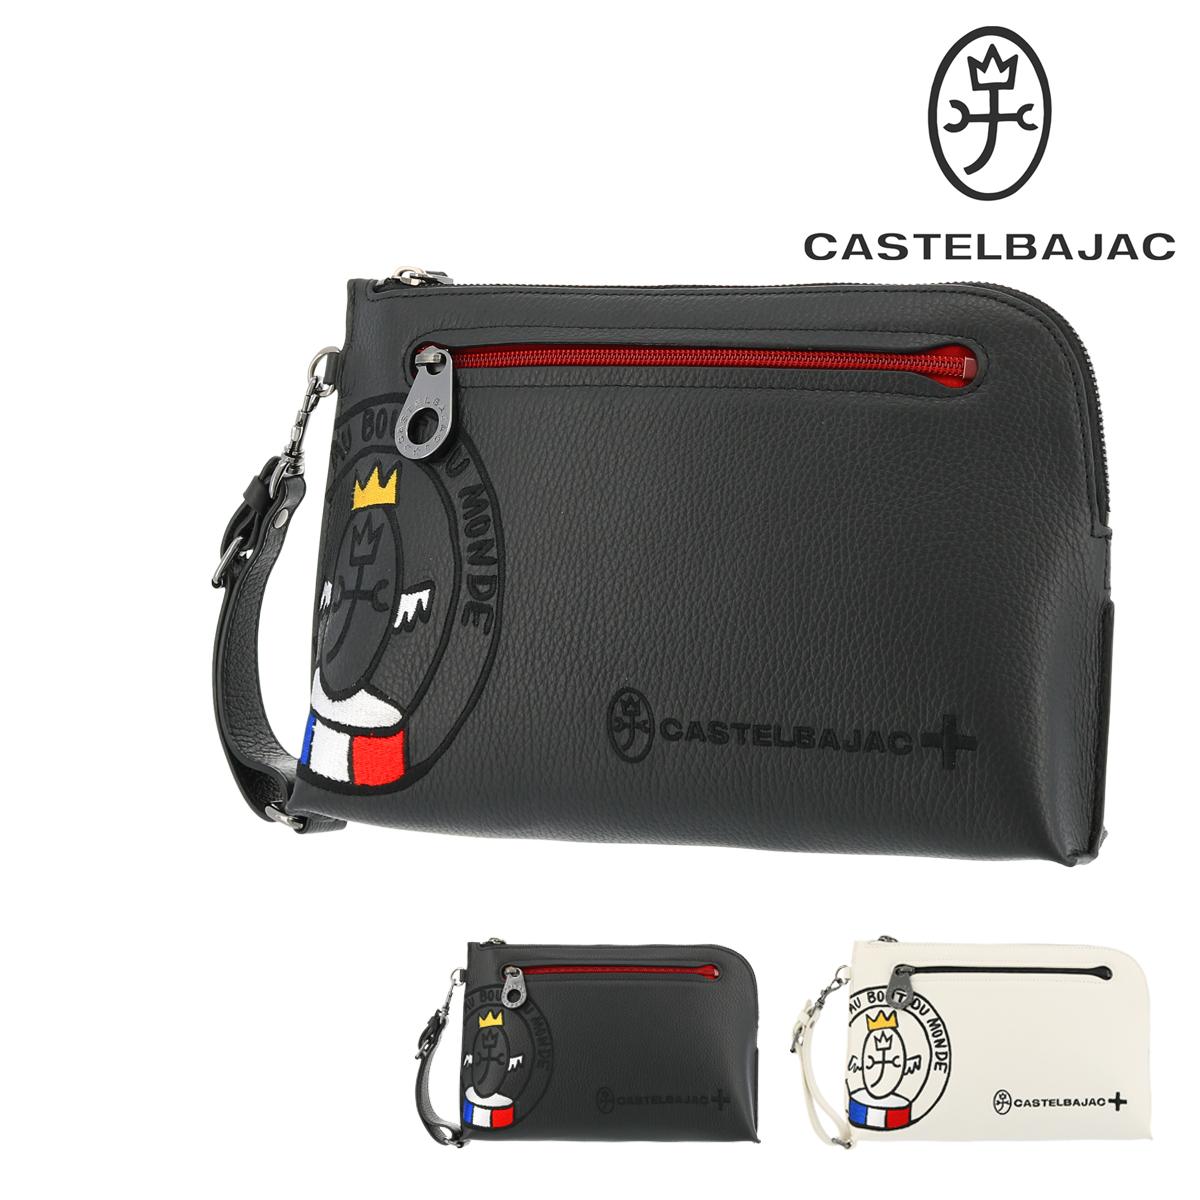 カステルバジャック セカンドバッグ リンク メンズ 30211 CASTELBAJAC | 持ち手 クラッチバッグ 軽量 牛革 本革 レザー